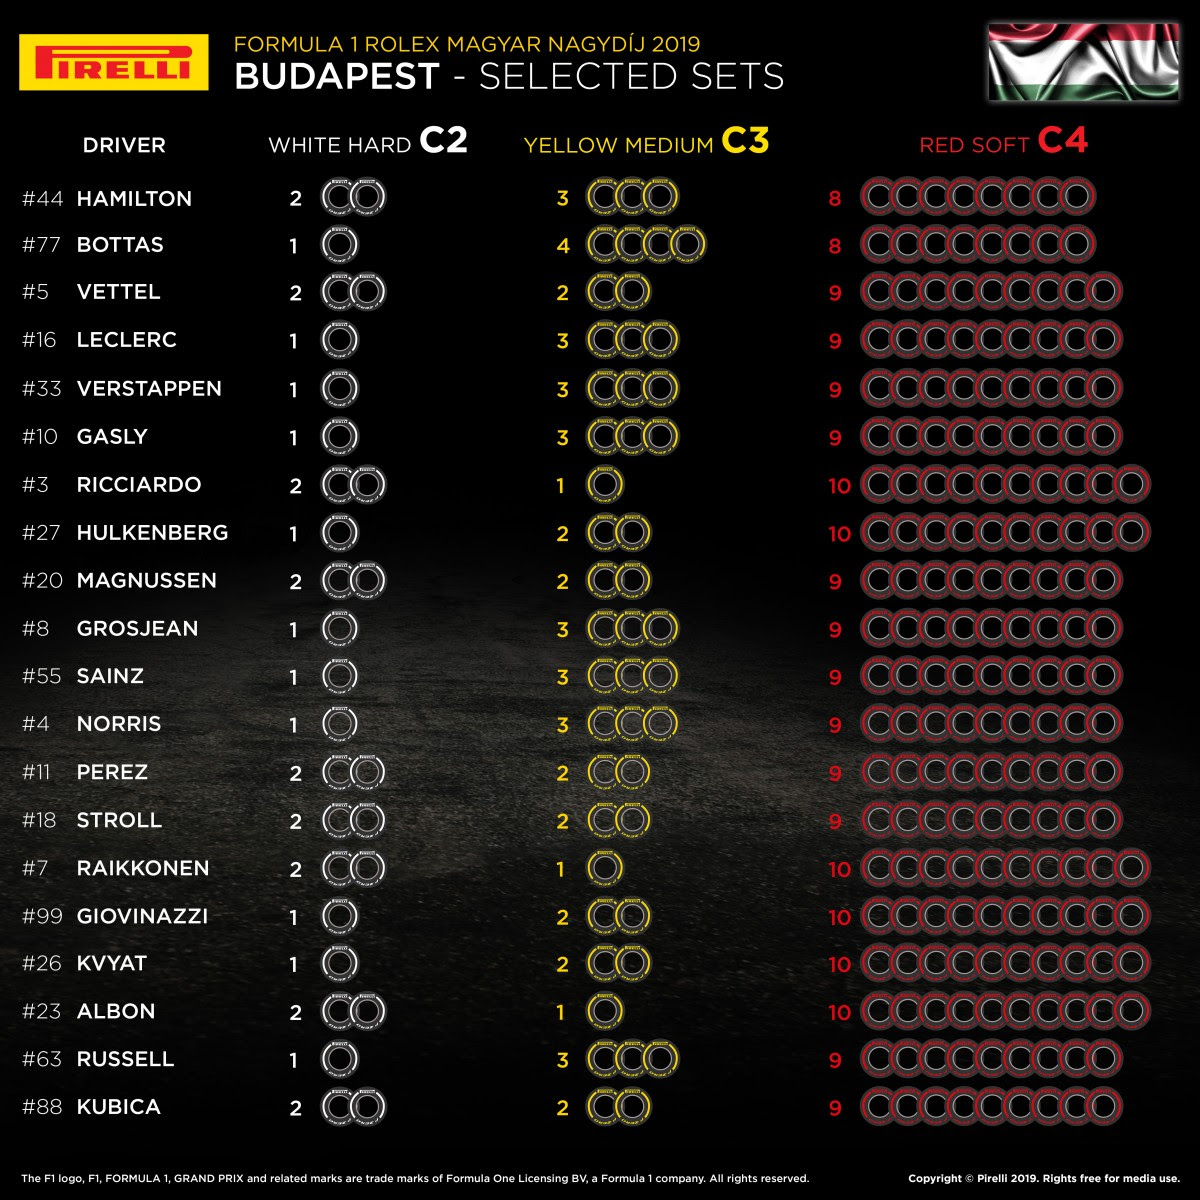 Budapest, libere 1: Hamilton davanti ma Verstappen e Vettel sono vicini